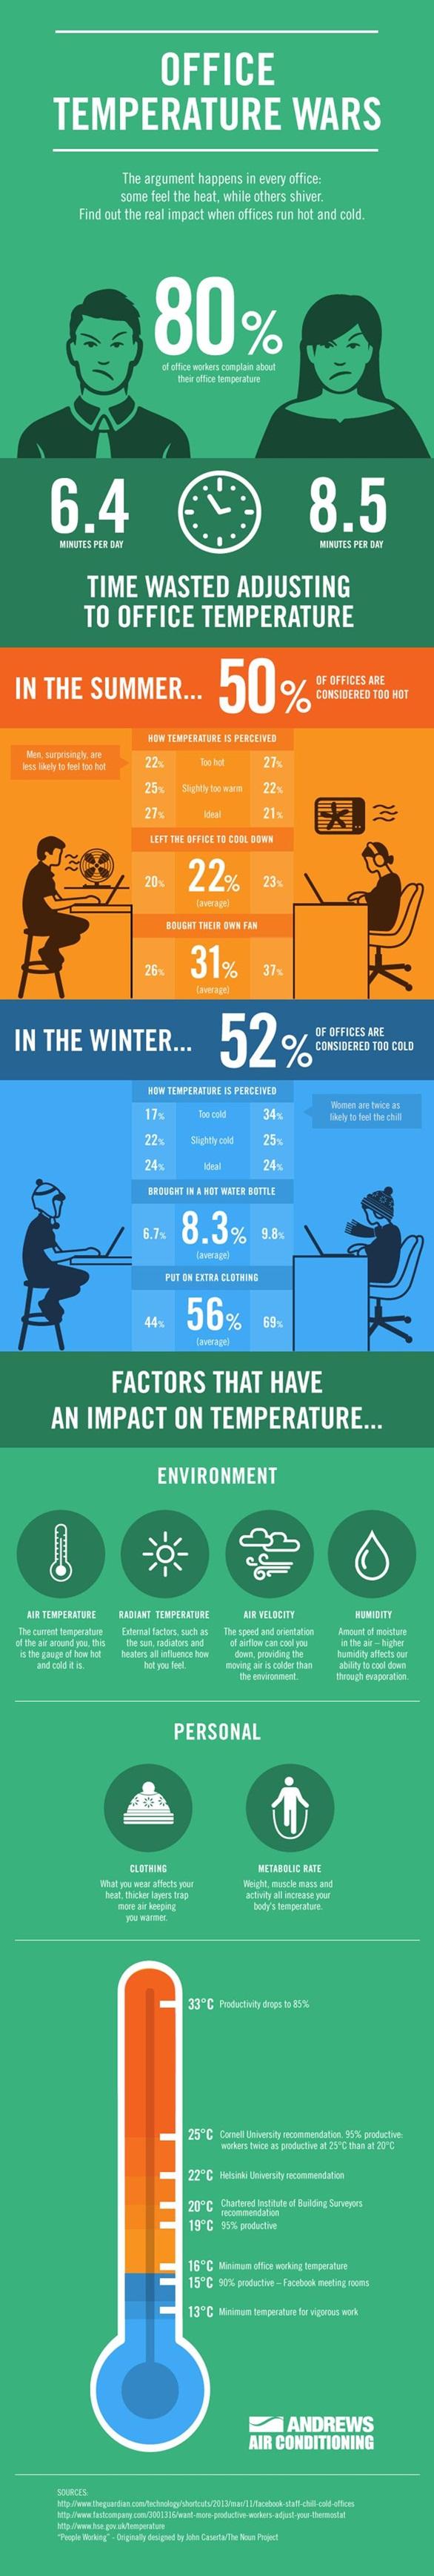 · Только 24% согласились, что в их офисе в течение всего года была идеальная температура для работы.  · Женщины теряют в среднем на 33% больше времени (около 9 минут, по сравнению с 6,5), чем мужчины, пытаясь акклиматизироваться к неадекватным офисным условиям.  · 70% женщин, чтобы согреться, должны были принести в офис дополнительную одежду, и 50% прибегали к дополнительной чашке чая, в то время как меньшему количеству мужчин, 44% и 28% соответственно, был необходим джемпер или горячий напиток.  · Удивительно, почти 10% женщин приносят на работу бутылку с горячей водой!